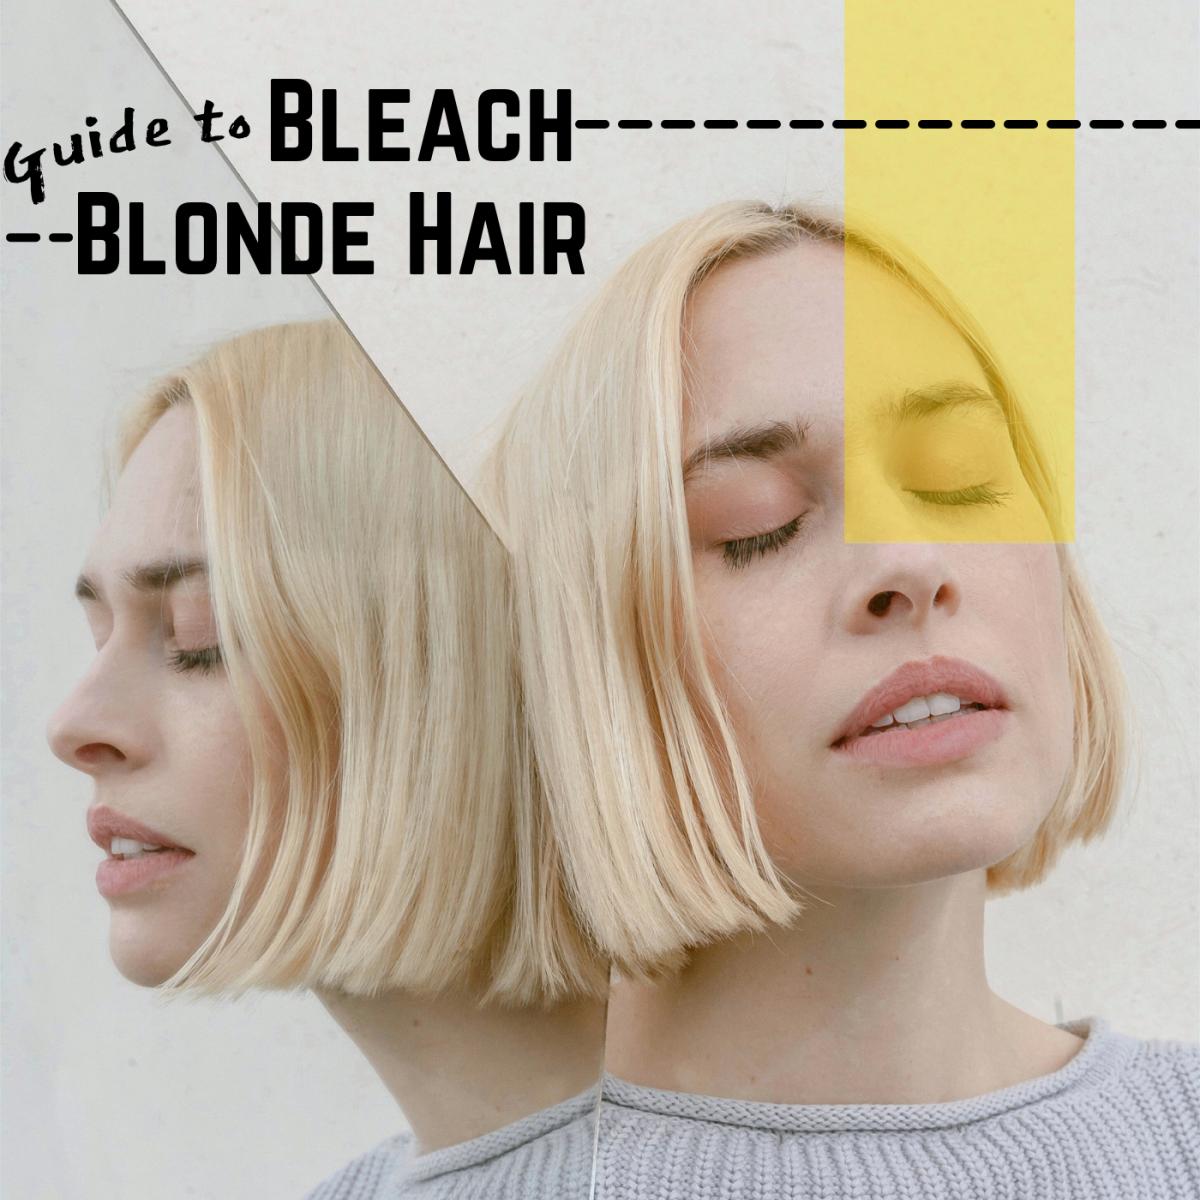 Guide to bleach blonde hair